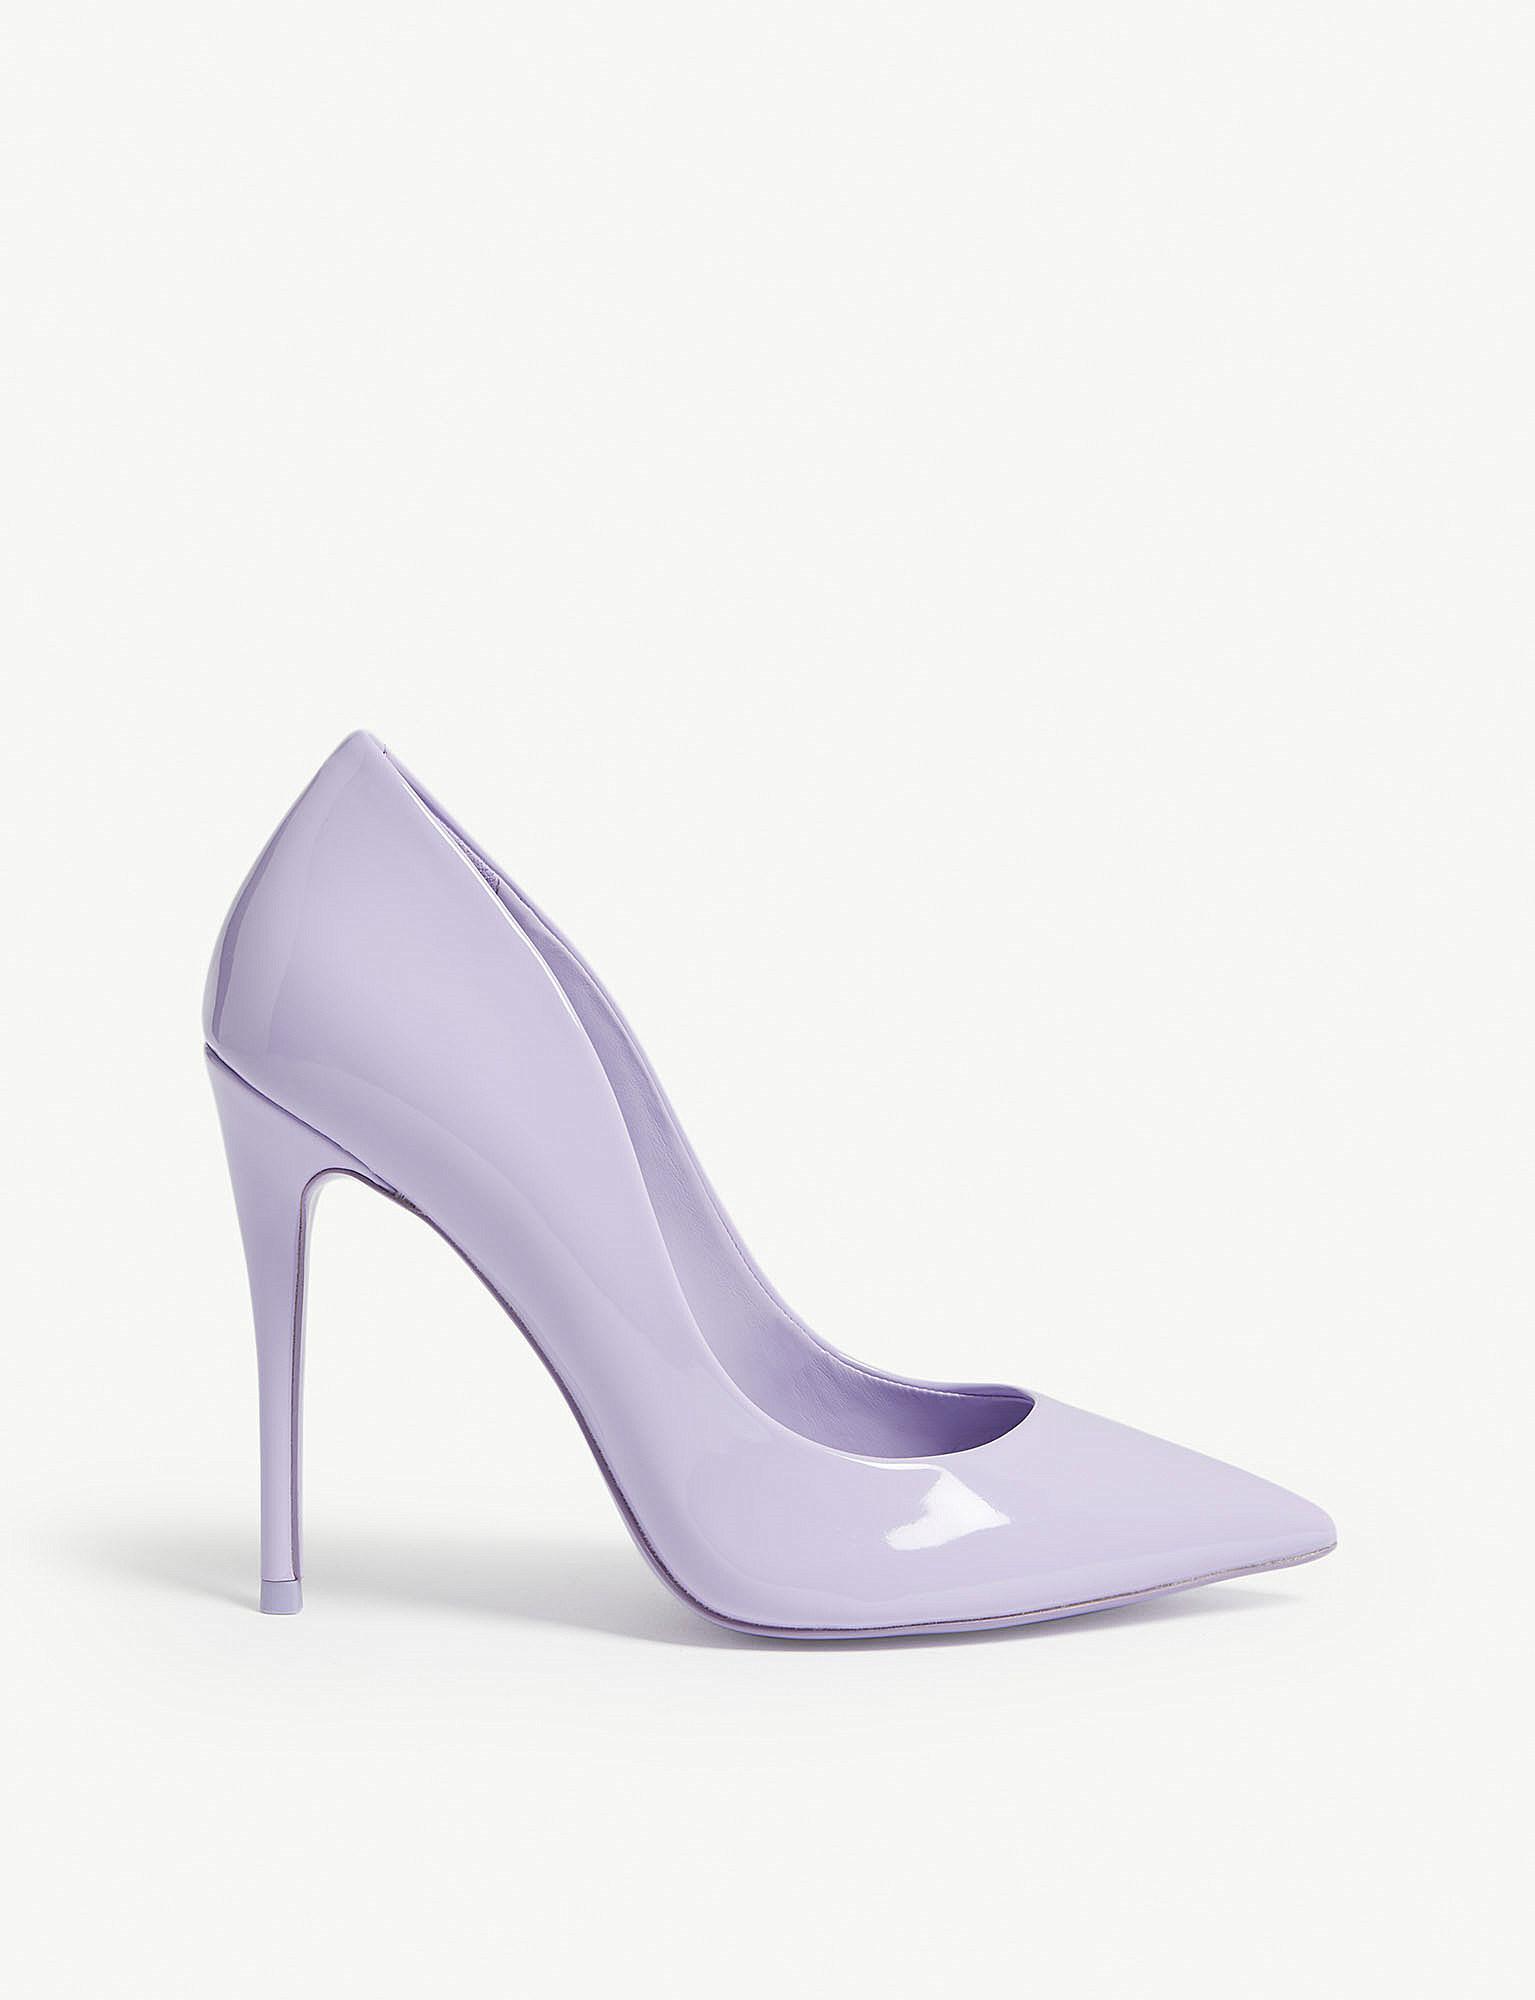 495c040b4e8c Lyst - ALDO Stessy Patent Courts in Purple